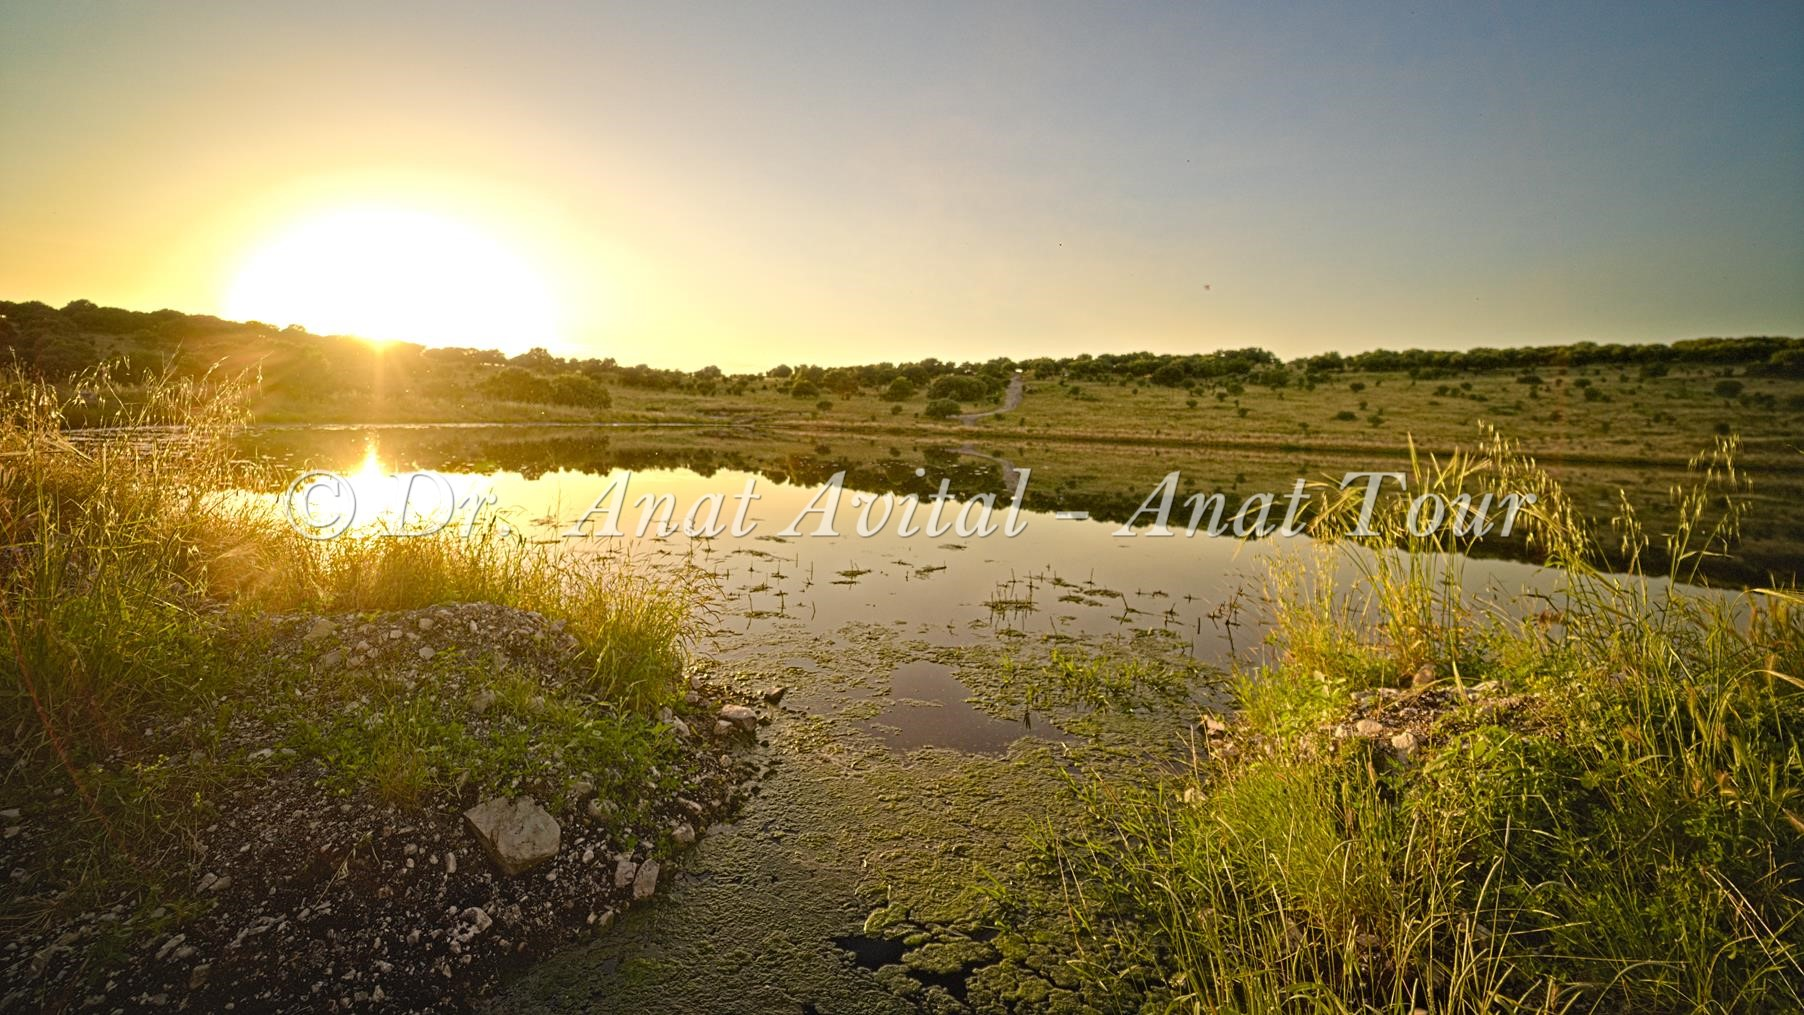 """מאגר פירחה-גלעד-רז, רמות מנשה, צילום: ד""""ר ענת אביטל"""